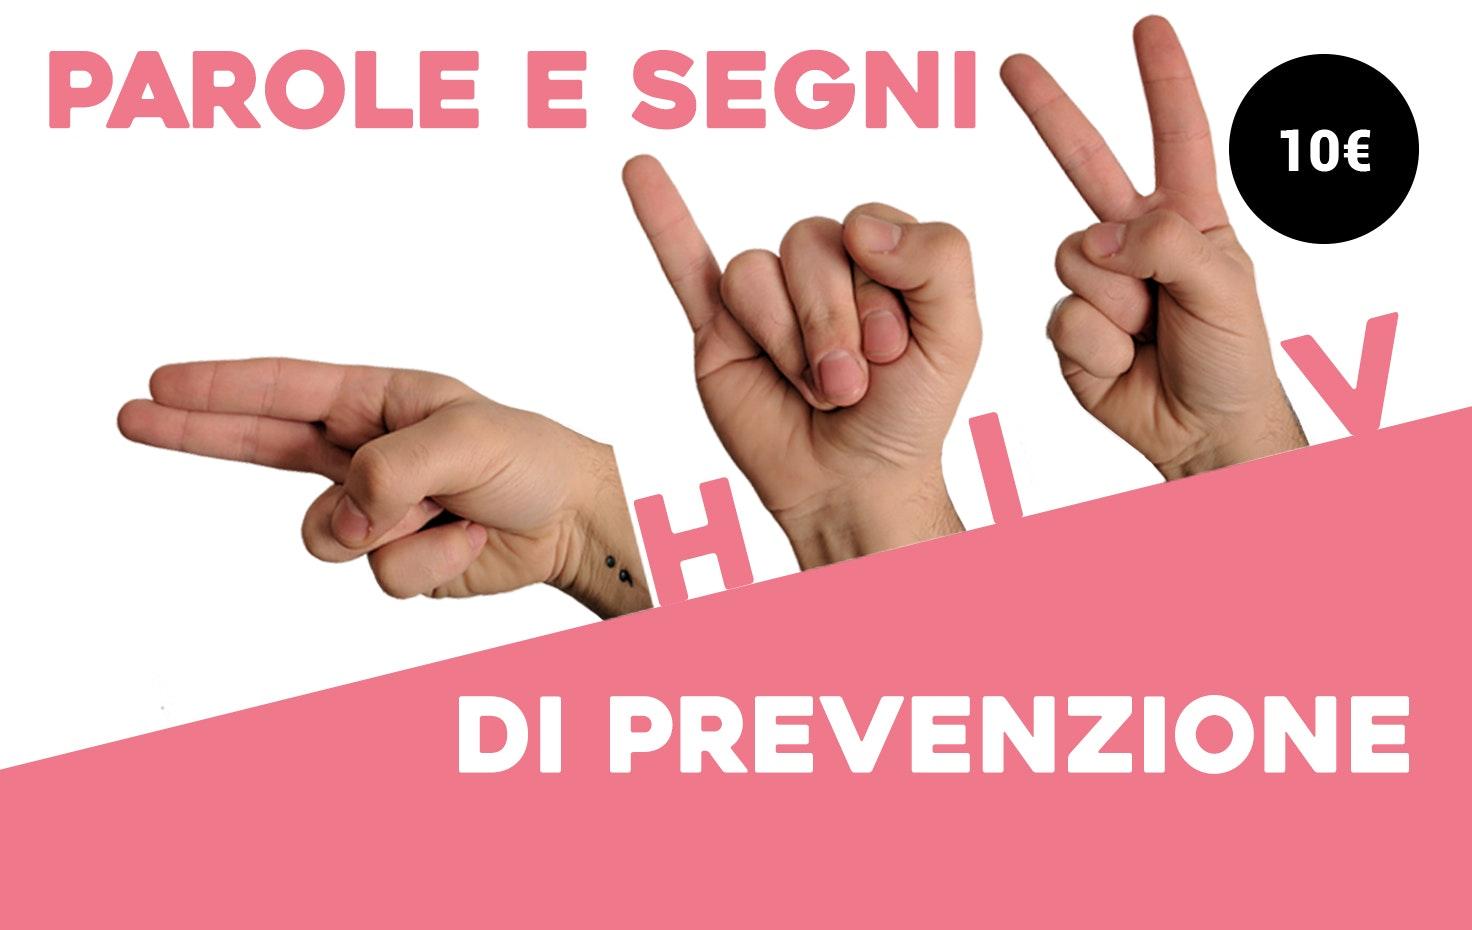 Parole e Segni di Prevenzione